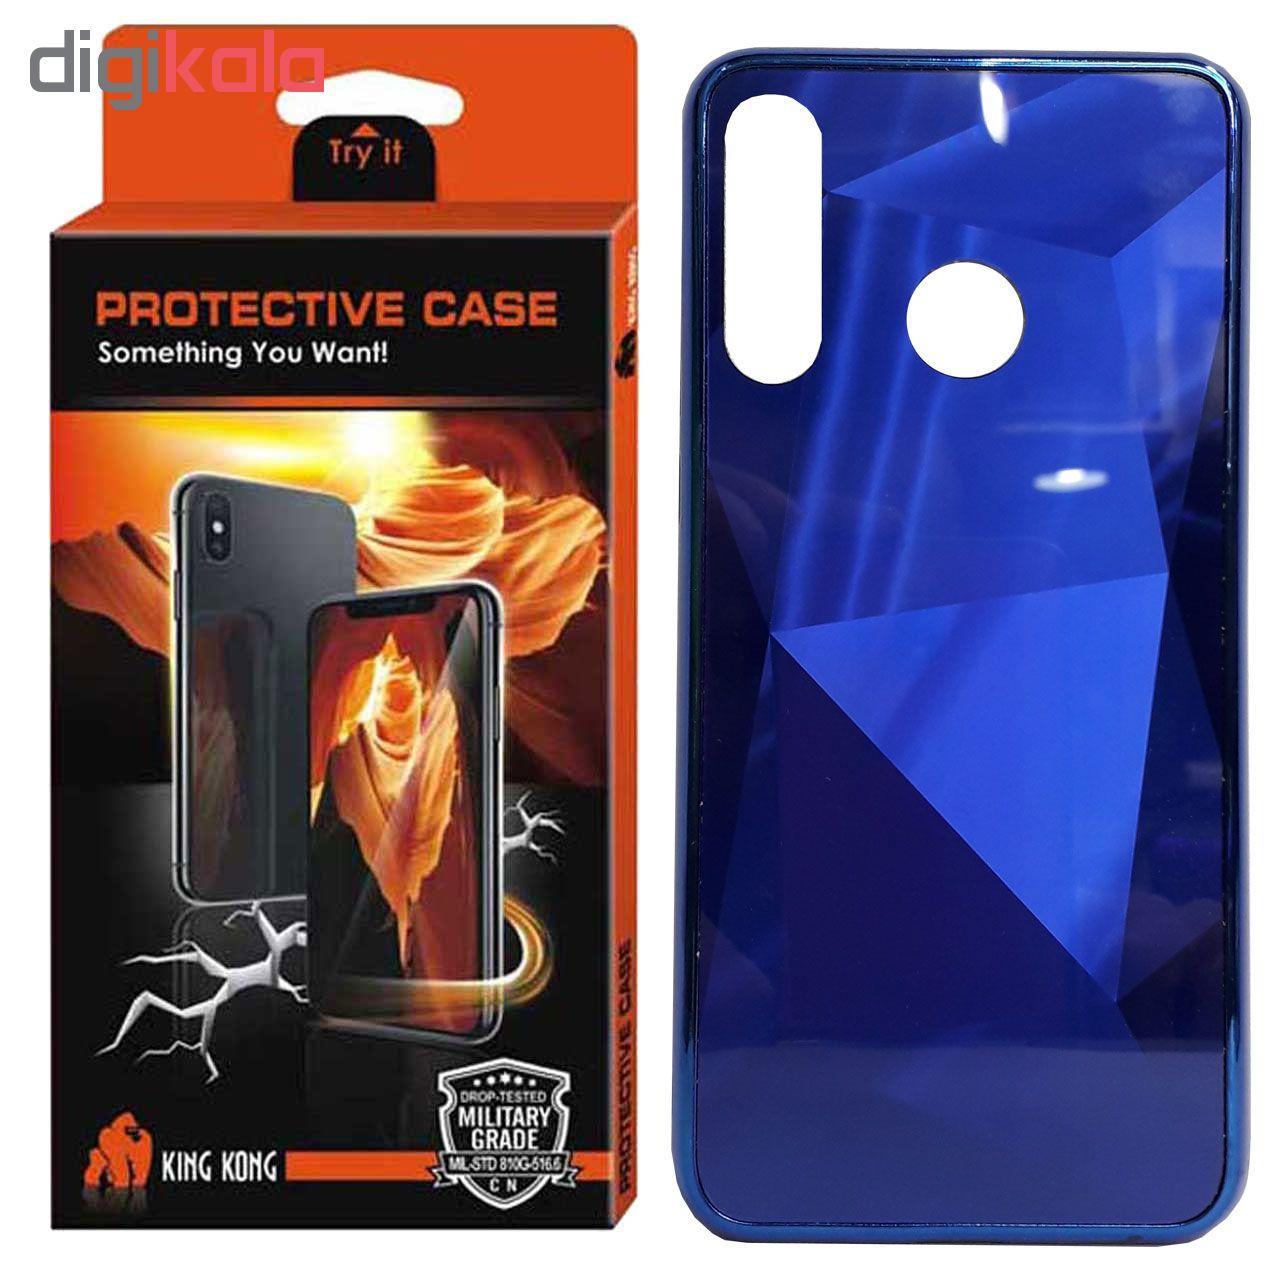 کاور کینگ کونگ طرح الماس مدل Dmnd01 مناسب برای گوشی موبایل سامسونگ Galaxy A20S